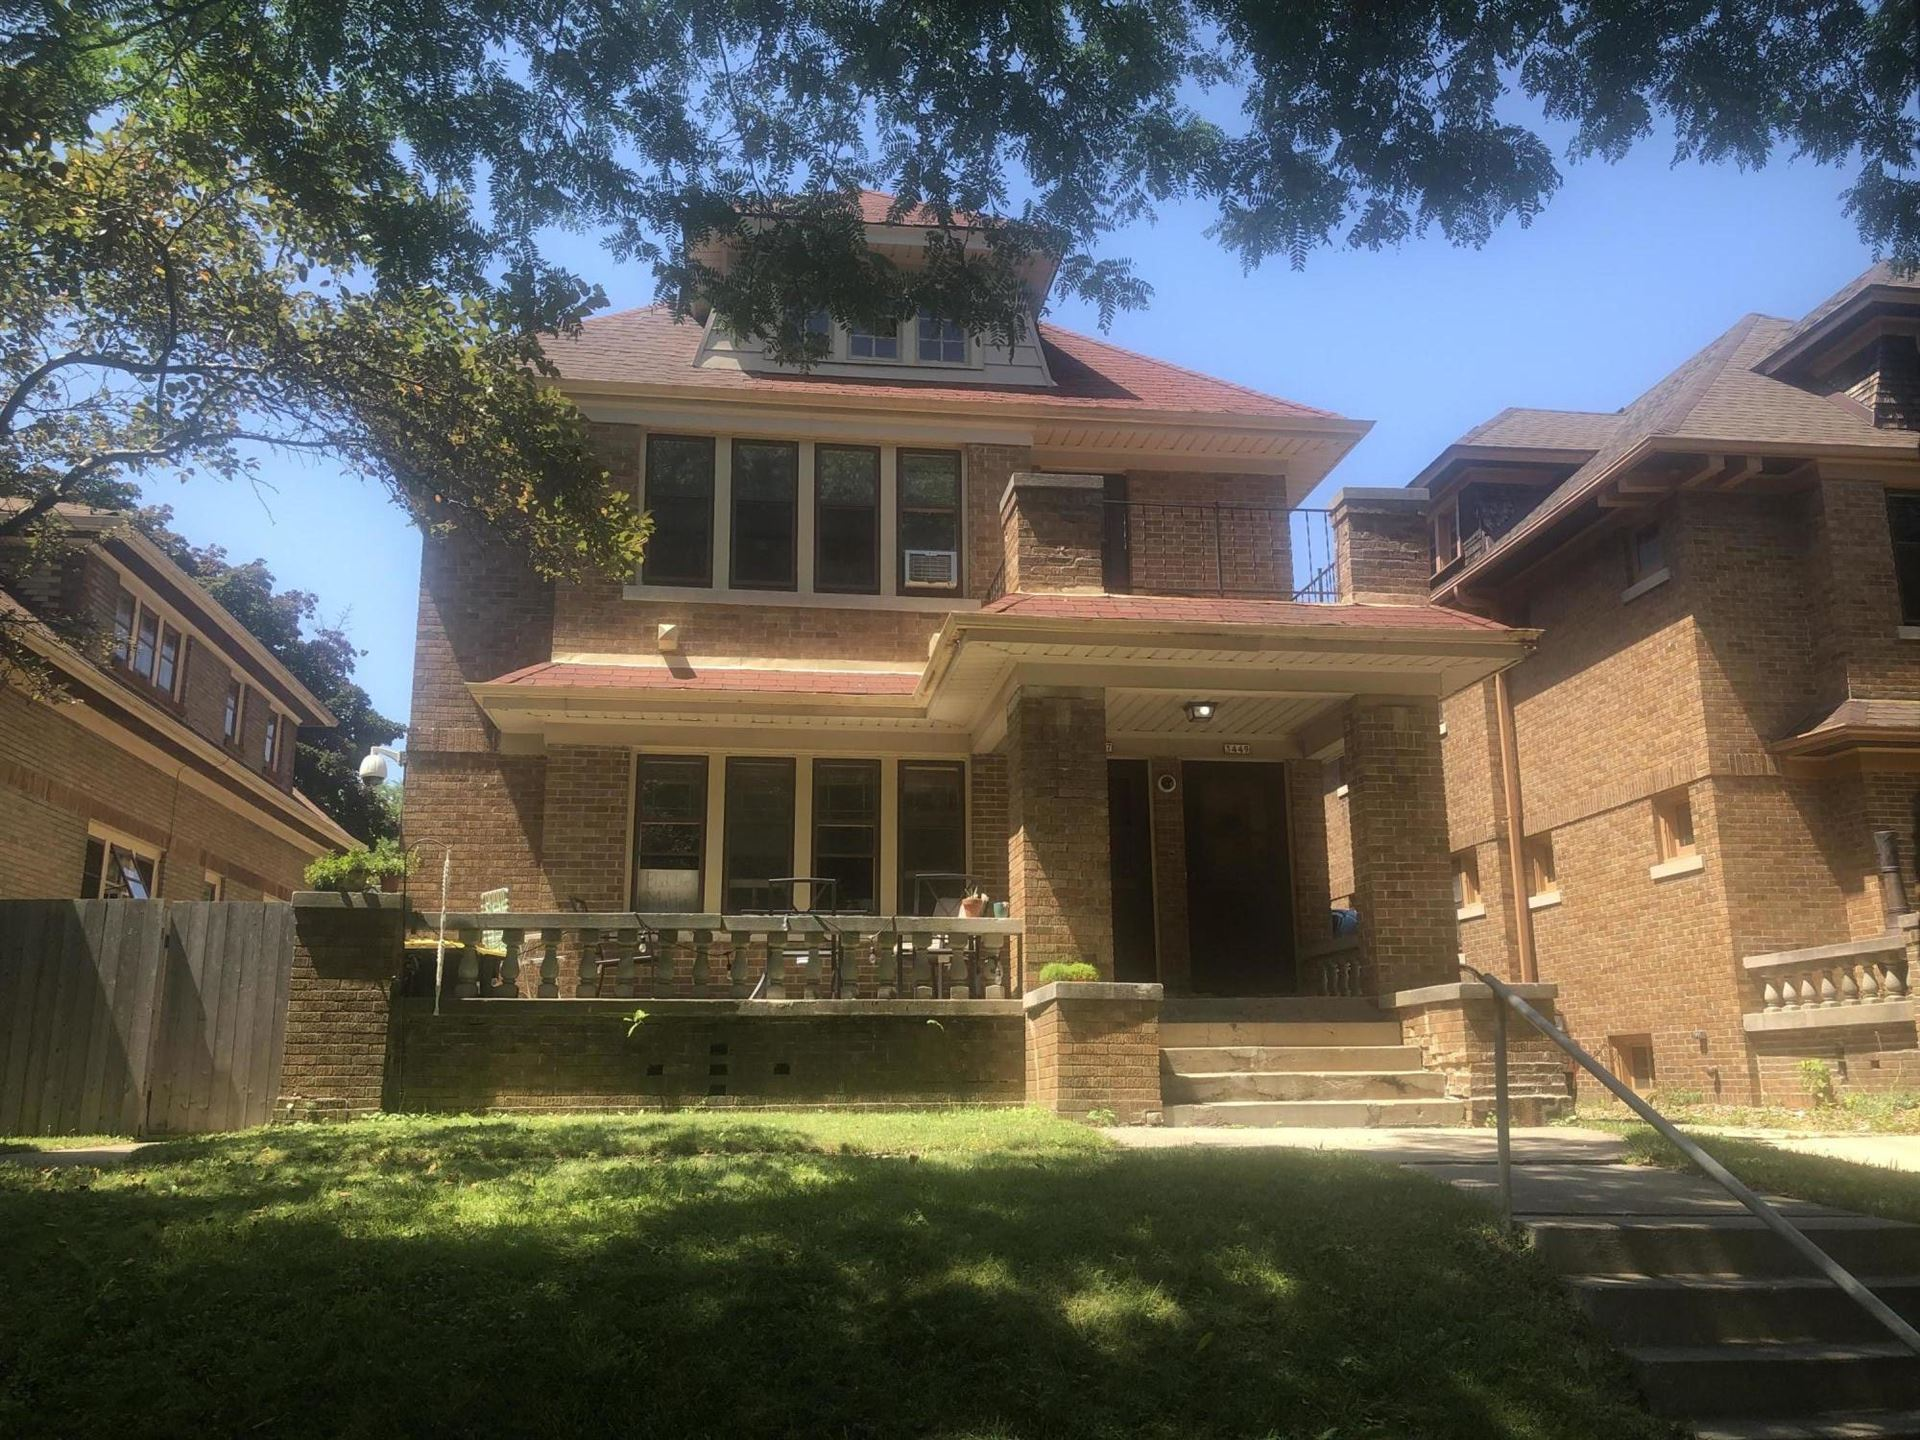 3447 N Humboldt Blvd #3449, Milwaukee, WI 53212 - #: 1700978